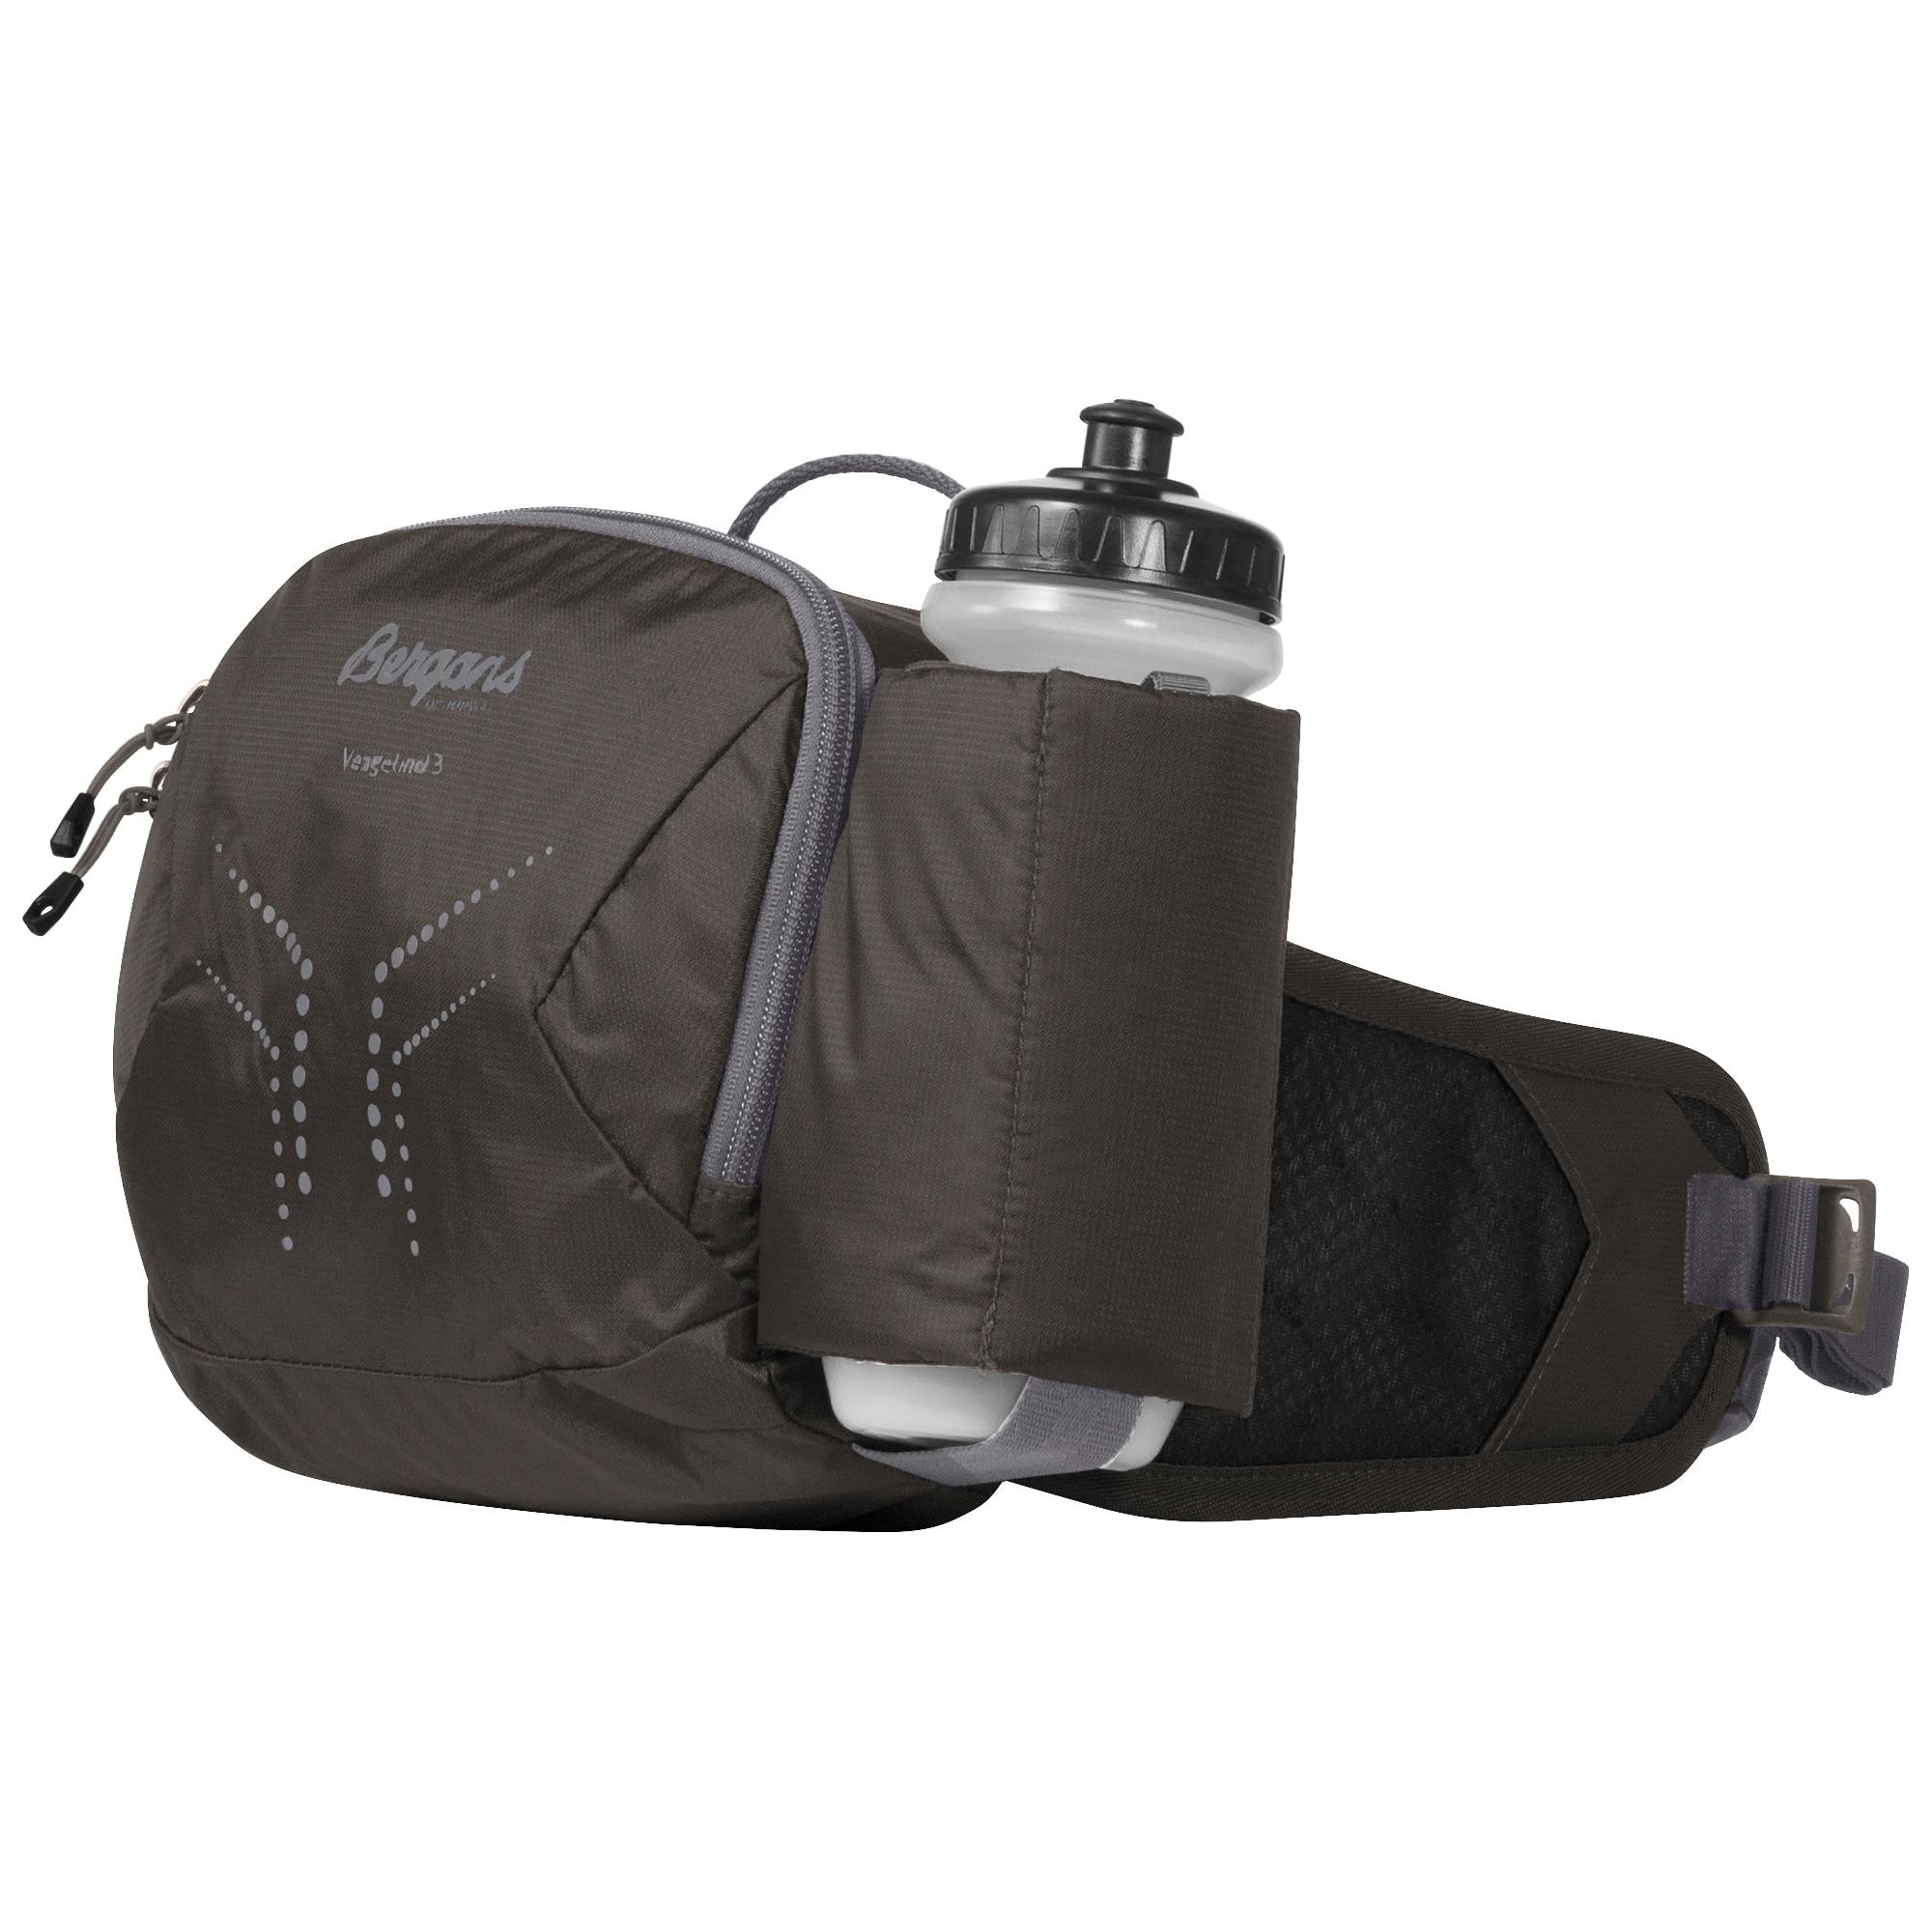 Vengetind Hip Pack 3 w/Bottle